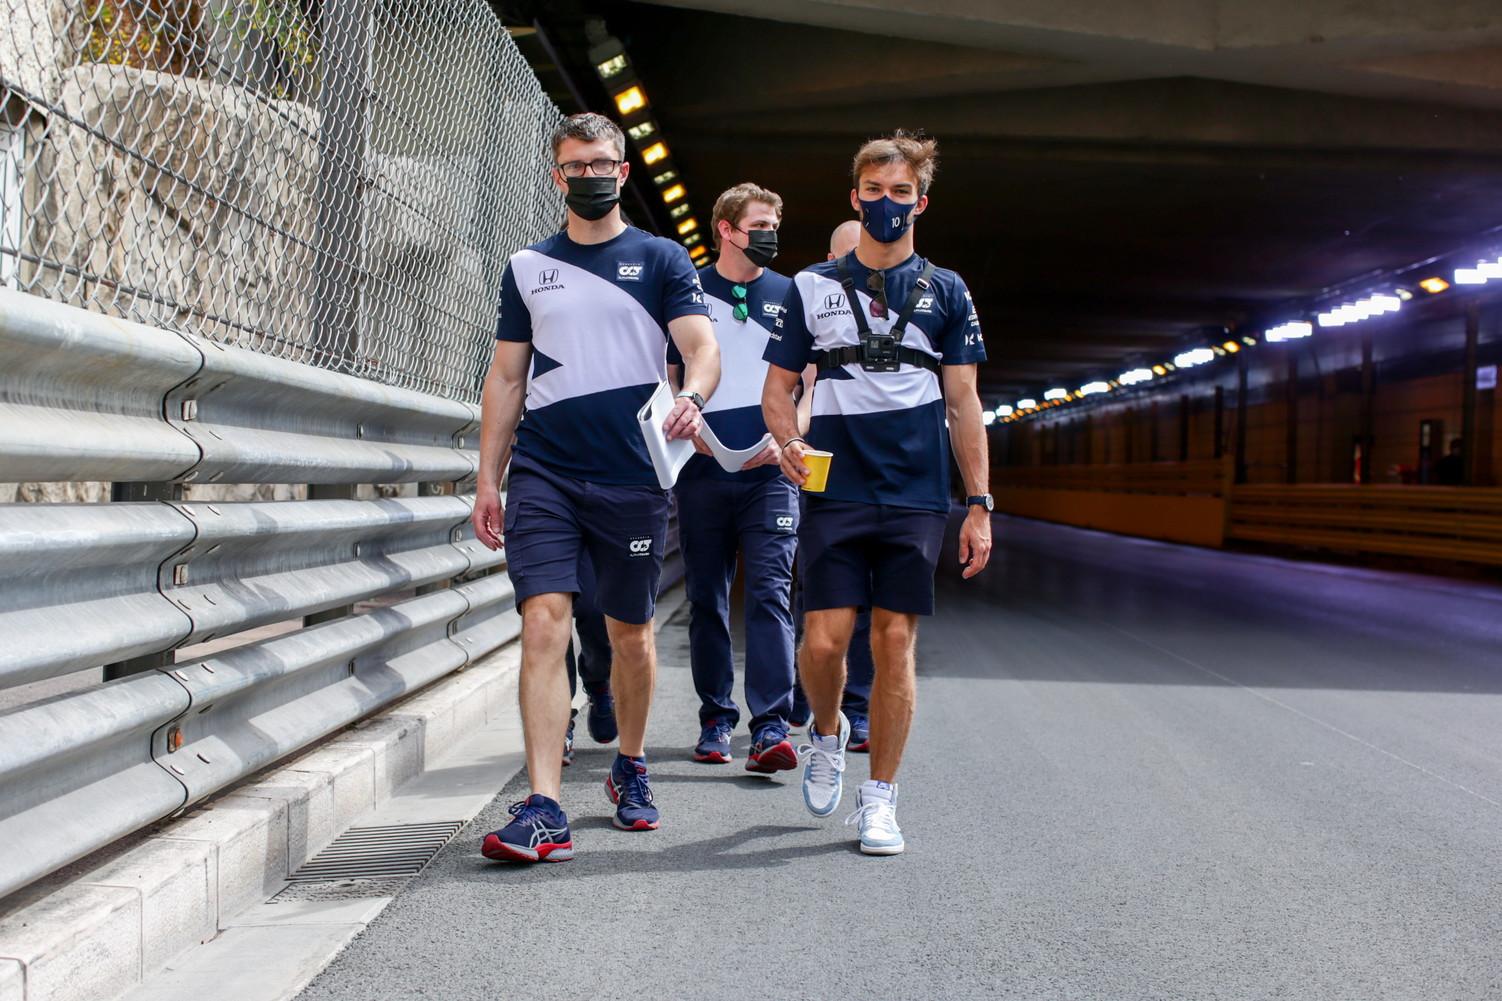 Dopo la cancellazione del GP 2020 i piloti sono pronti a sfidarsi nuovamente tra le strade del Principato<br /><br />